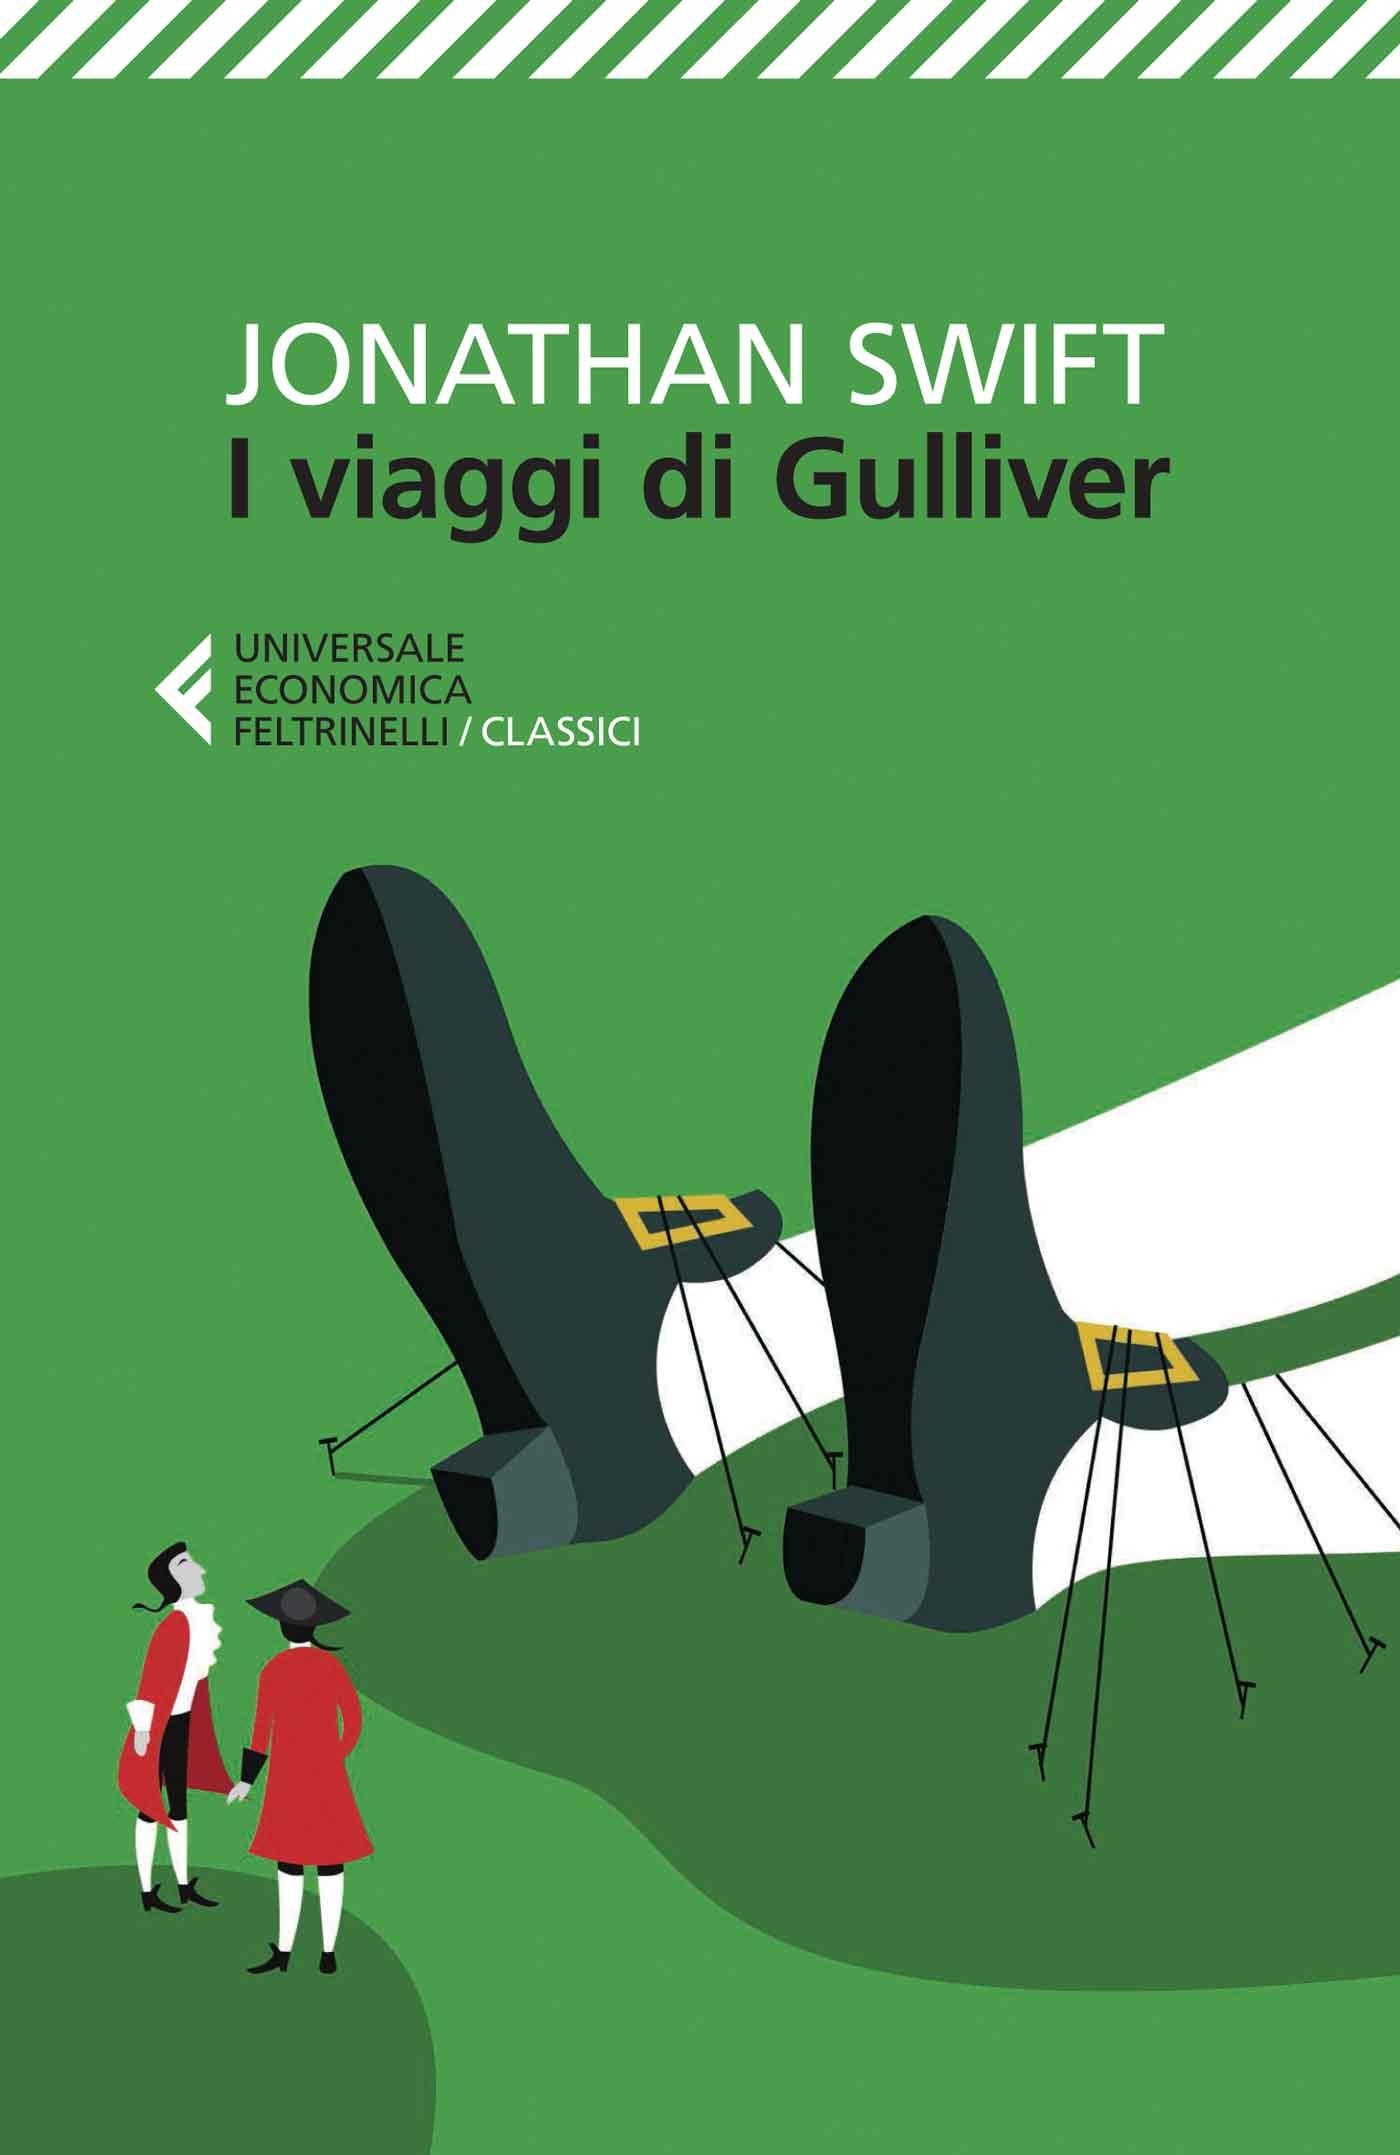 Jonatan Swift, I viaggi di Gulliver, Feltrinelli